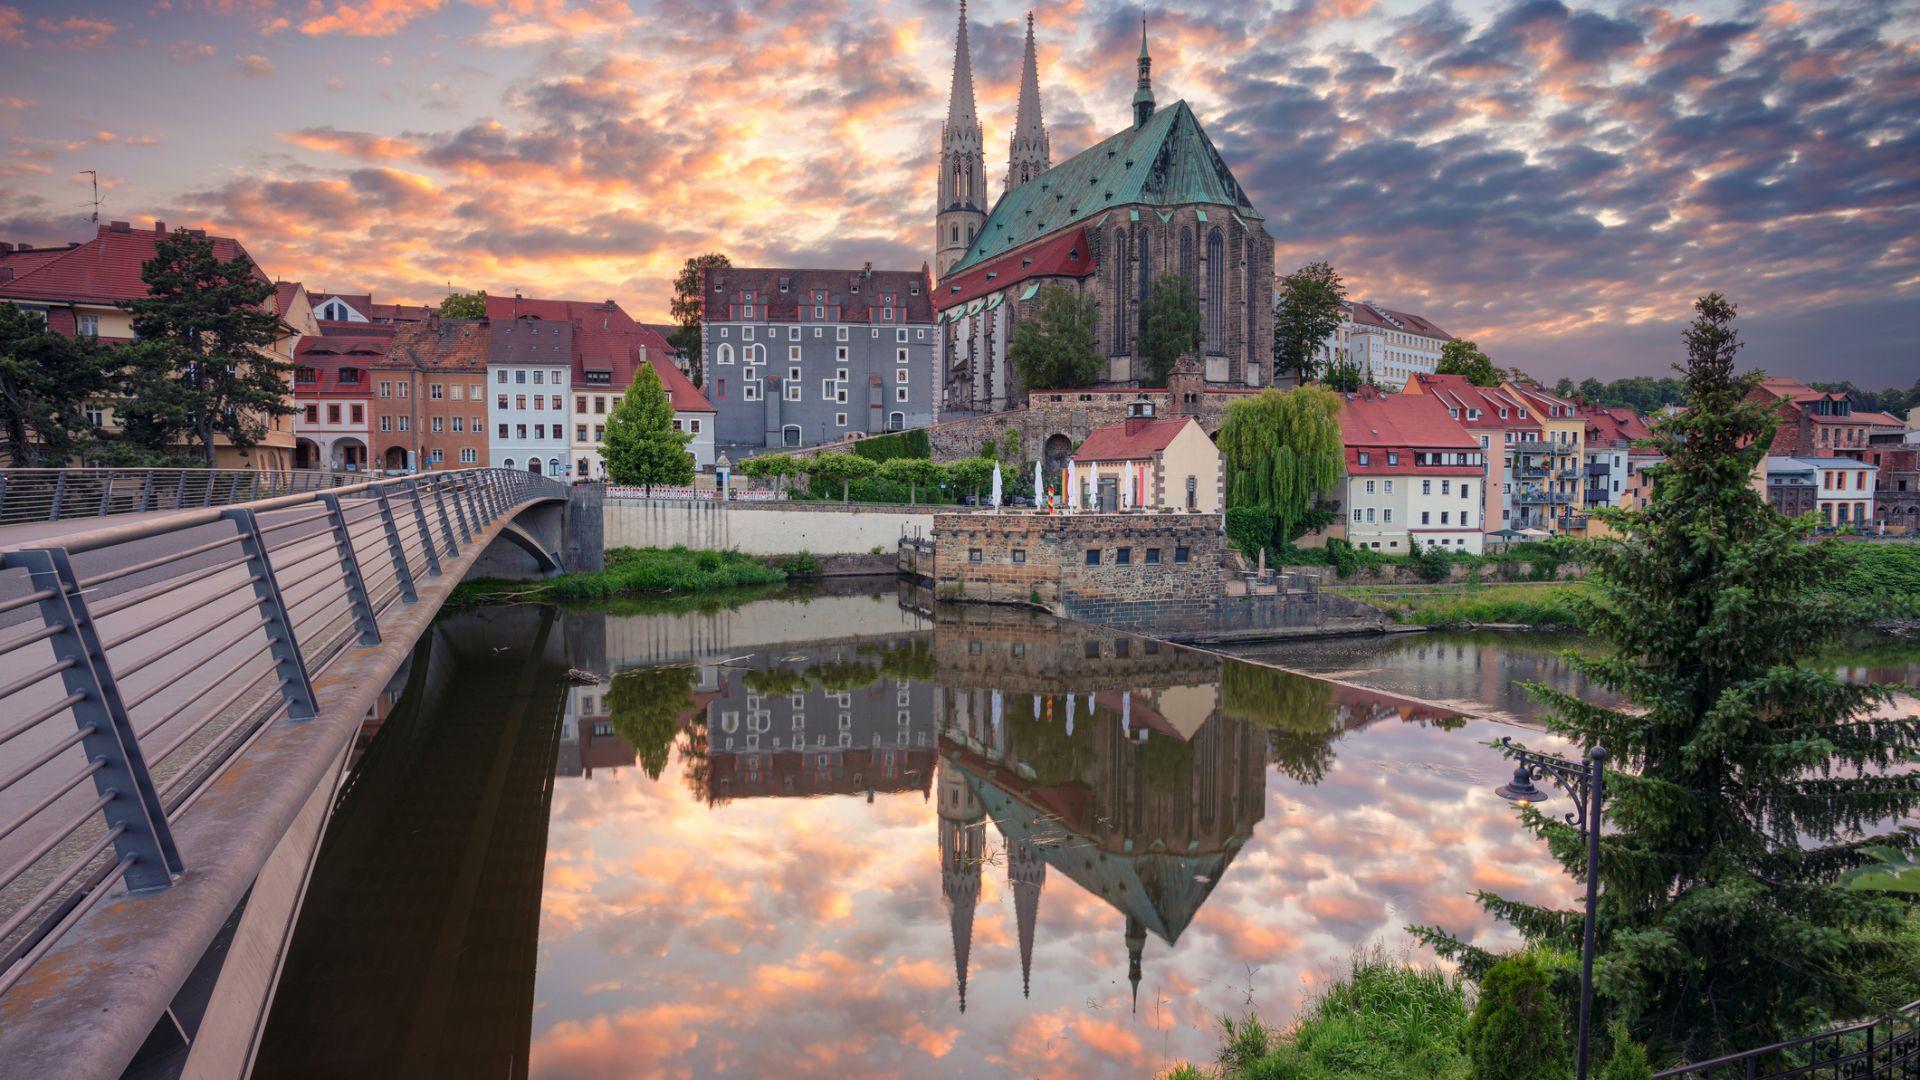 Германски град набира поляци, които искат да се преместят от Великобритания заради Брекзит